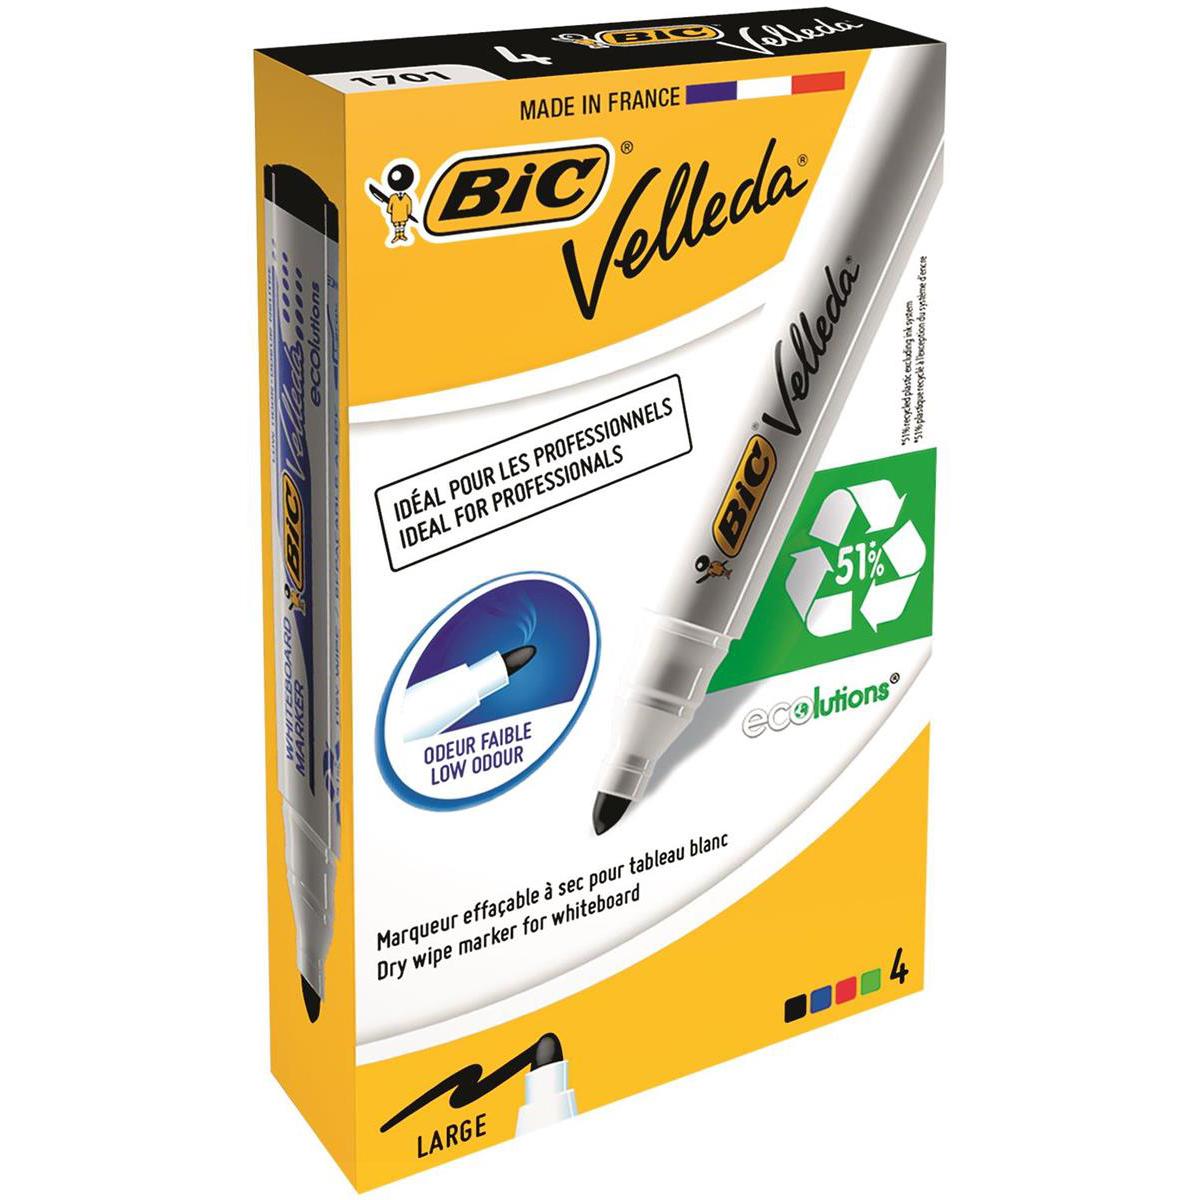 Bic Velleda Marker Whiteboard Dry-wipe 1701 Large Bullet Tip 1.5mm Line Assorted Ref 904941 [Pack 4]